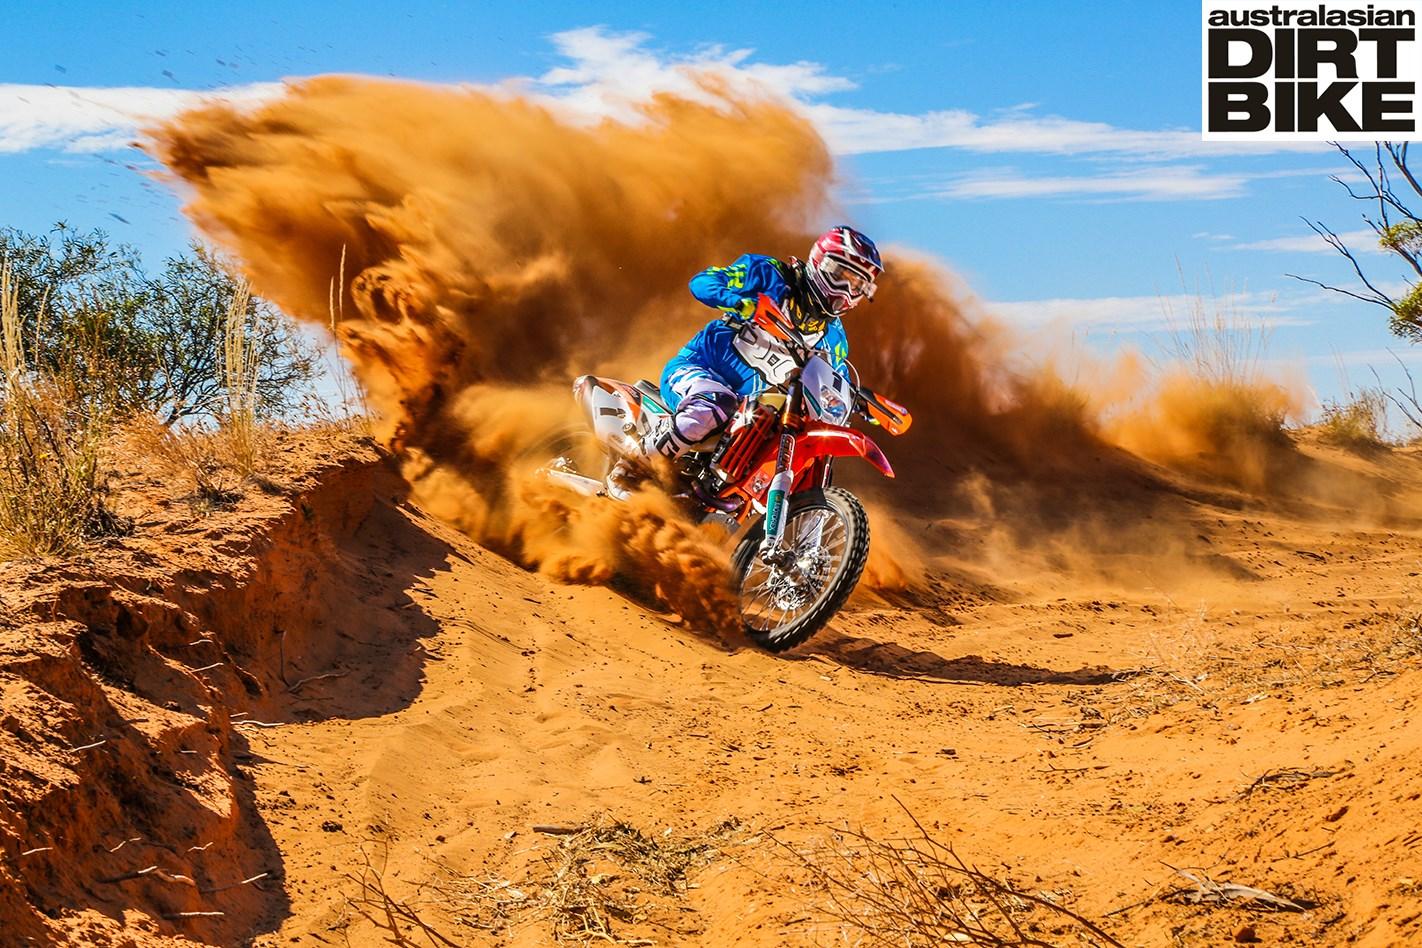 toby prices ktm  exc desert bike australasian dirt bike magazine